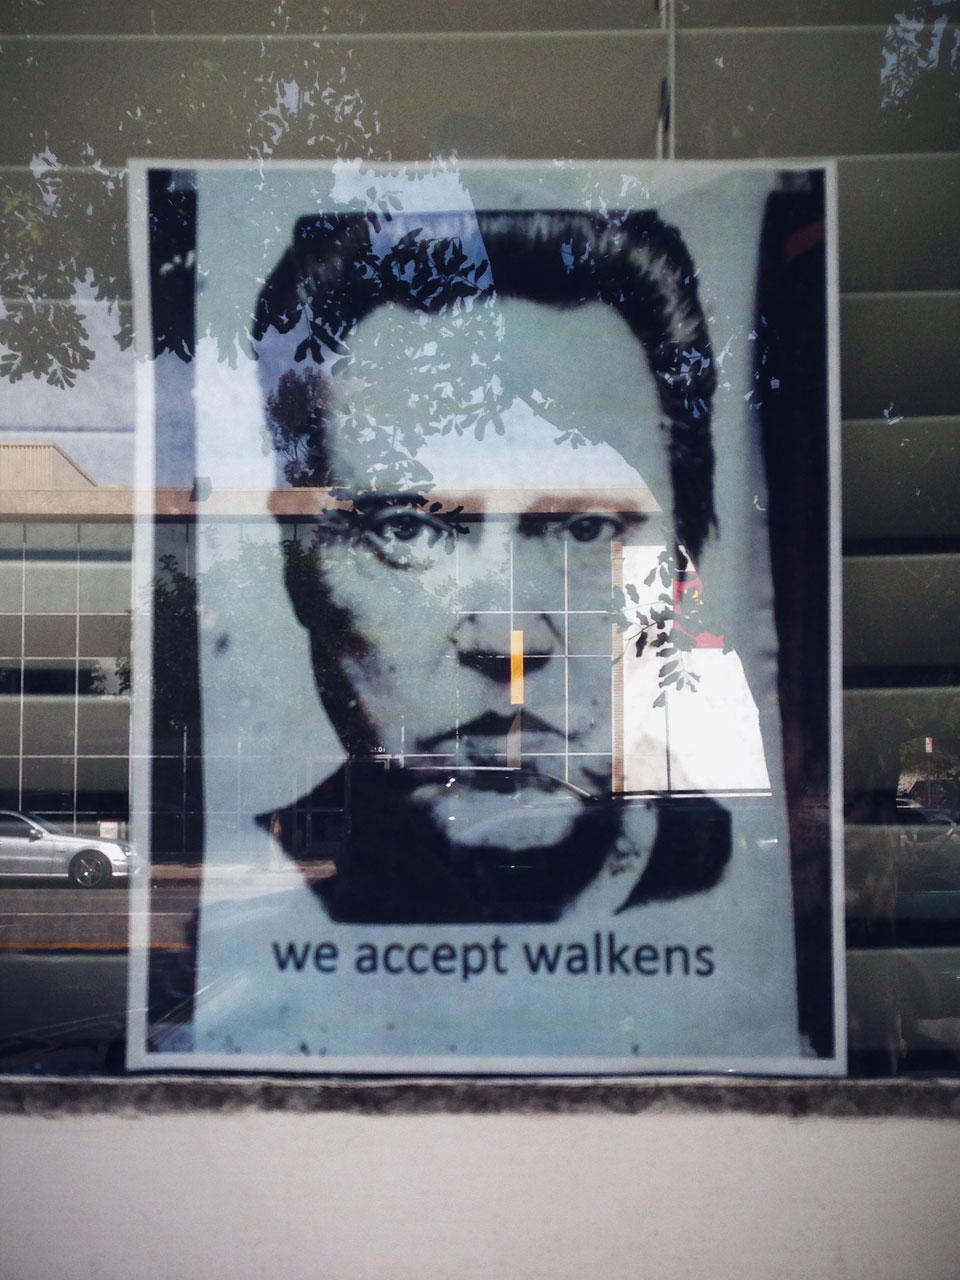 Walkens